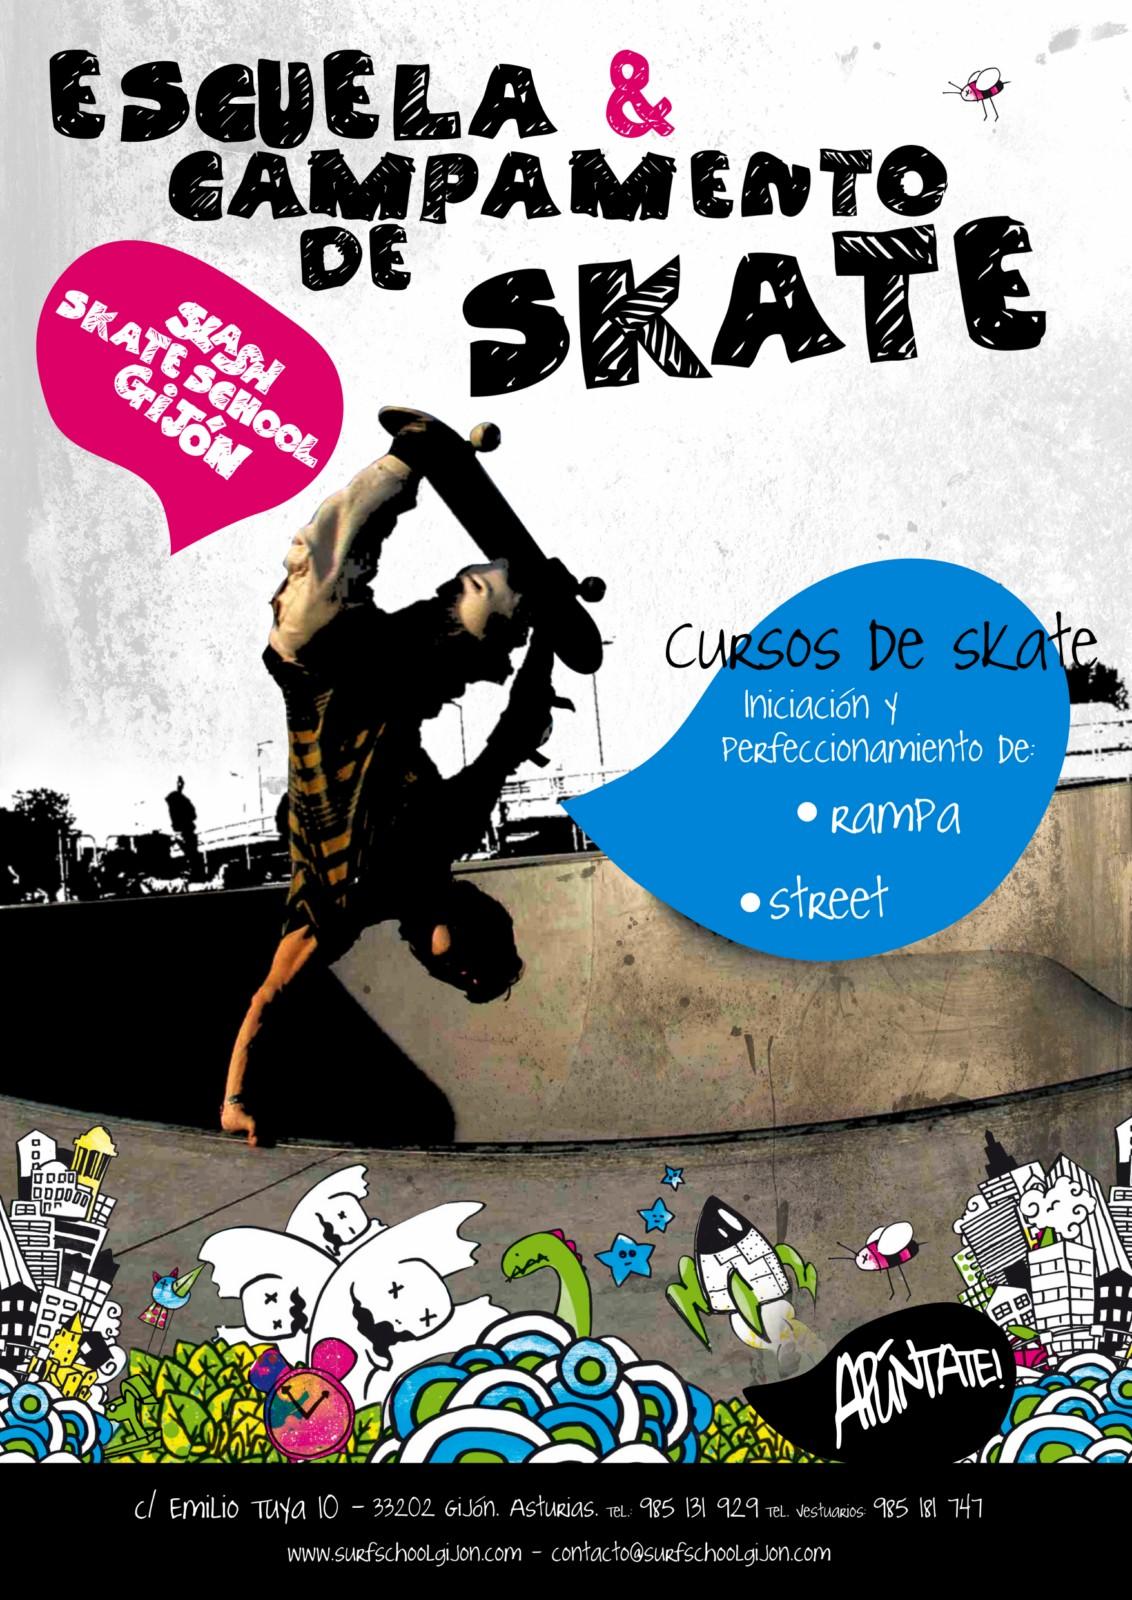 Cartel del Skate Camp y Escuela de Skate